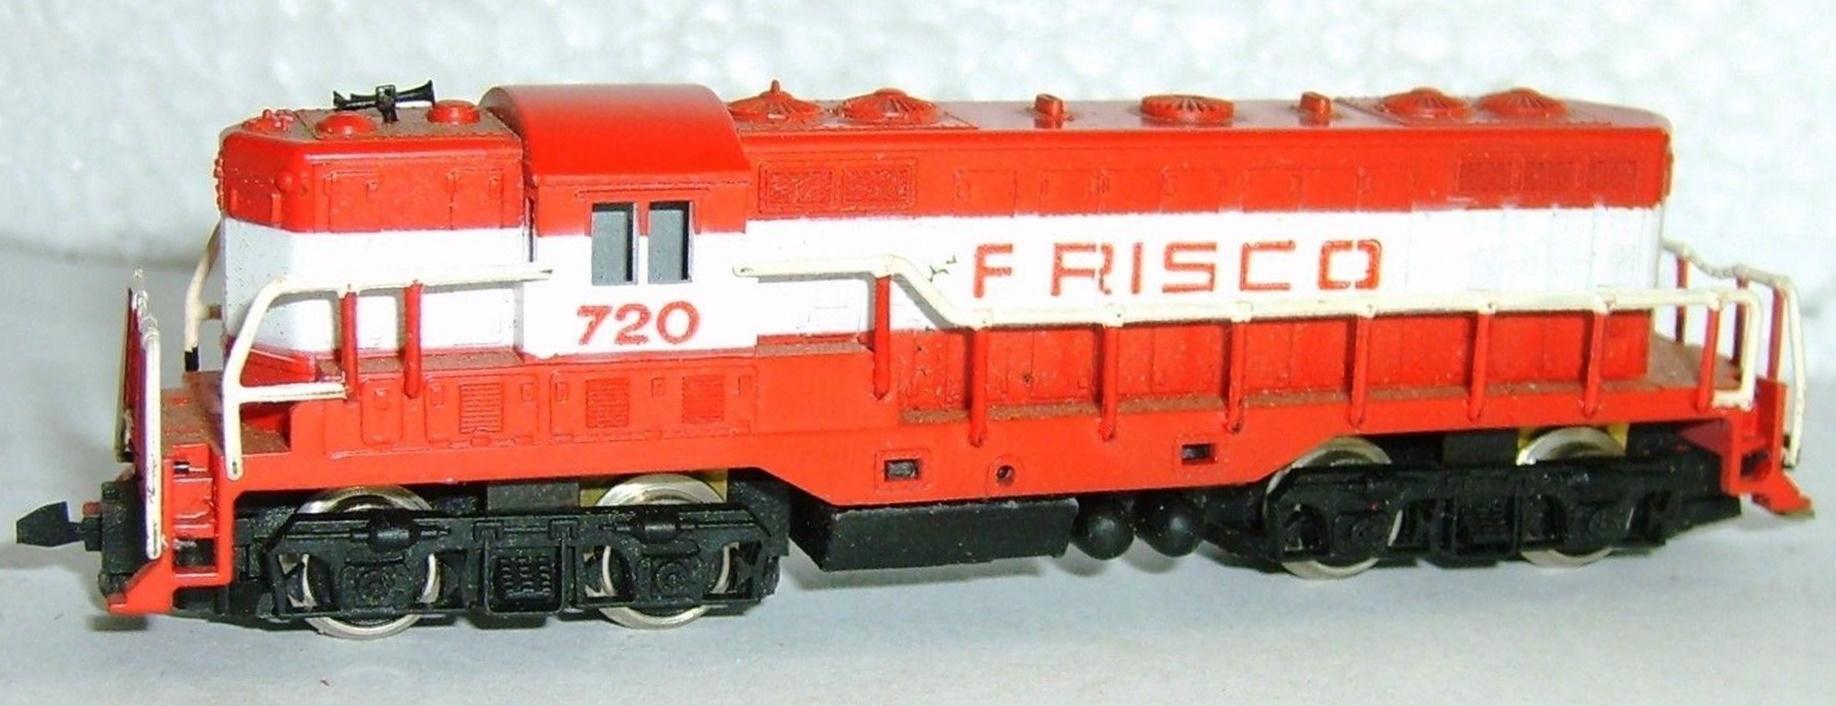 N Scale - Revell - 2304 - Locomotive, Diesel, EMD GP7 - Frisco - 720